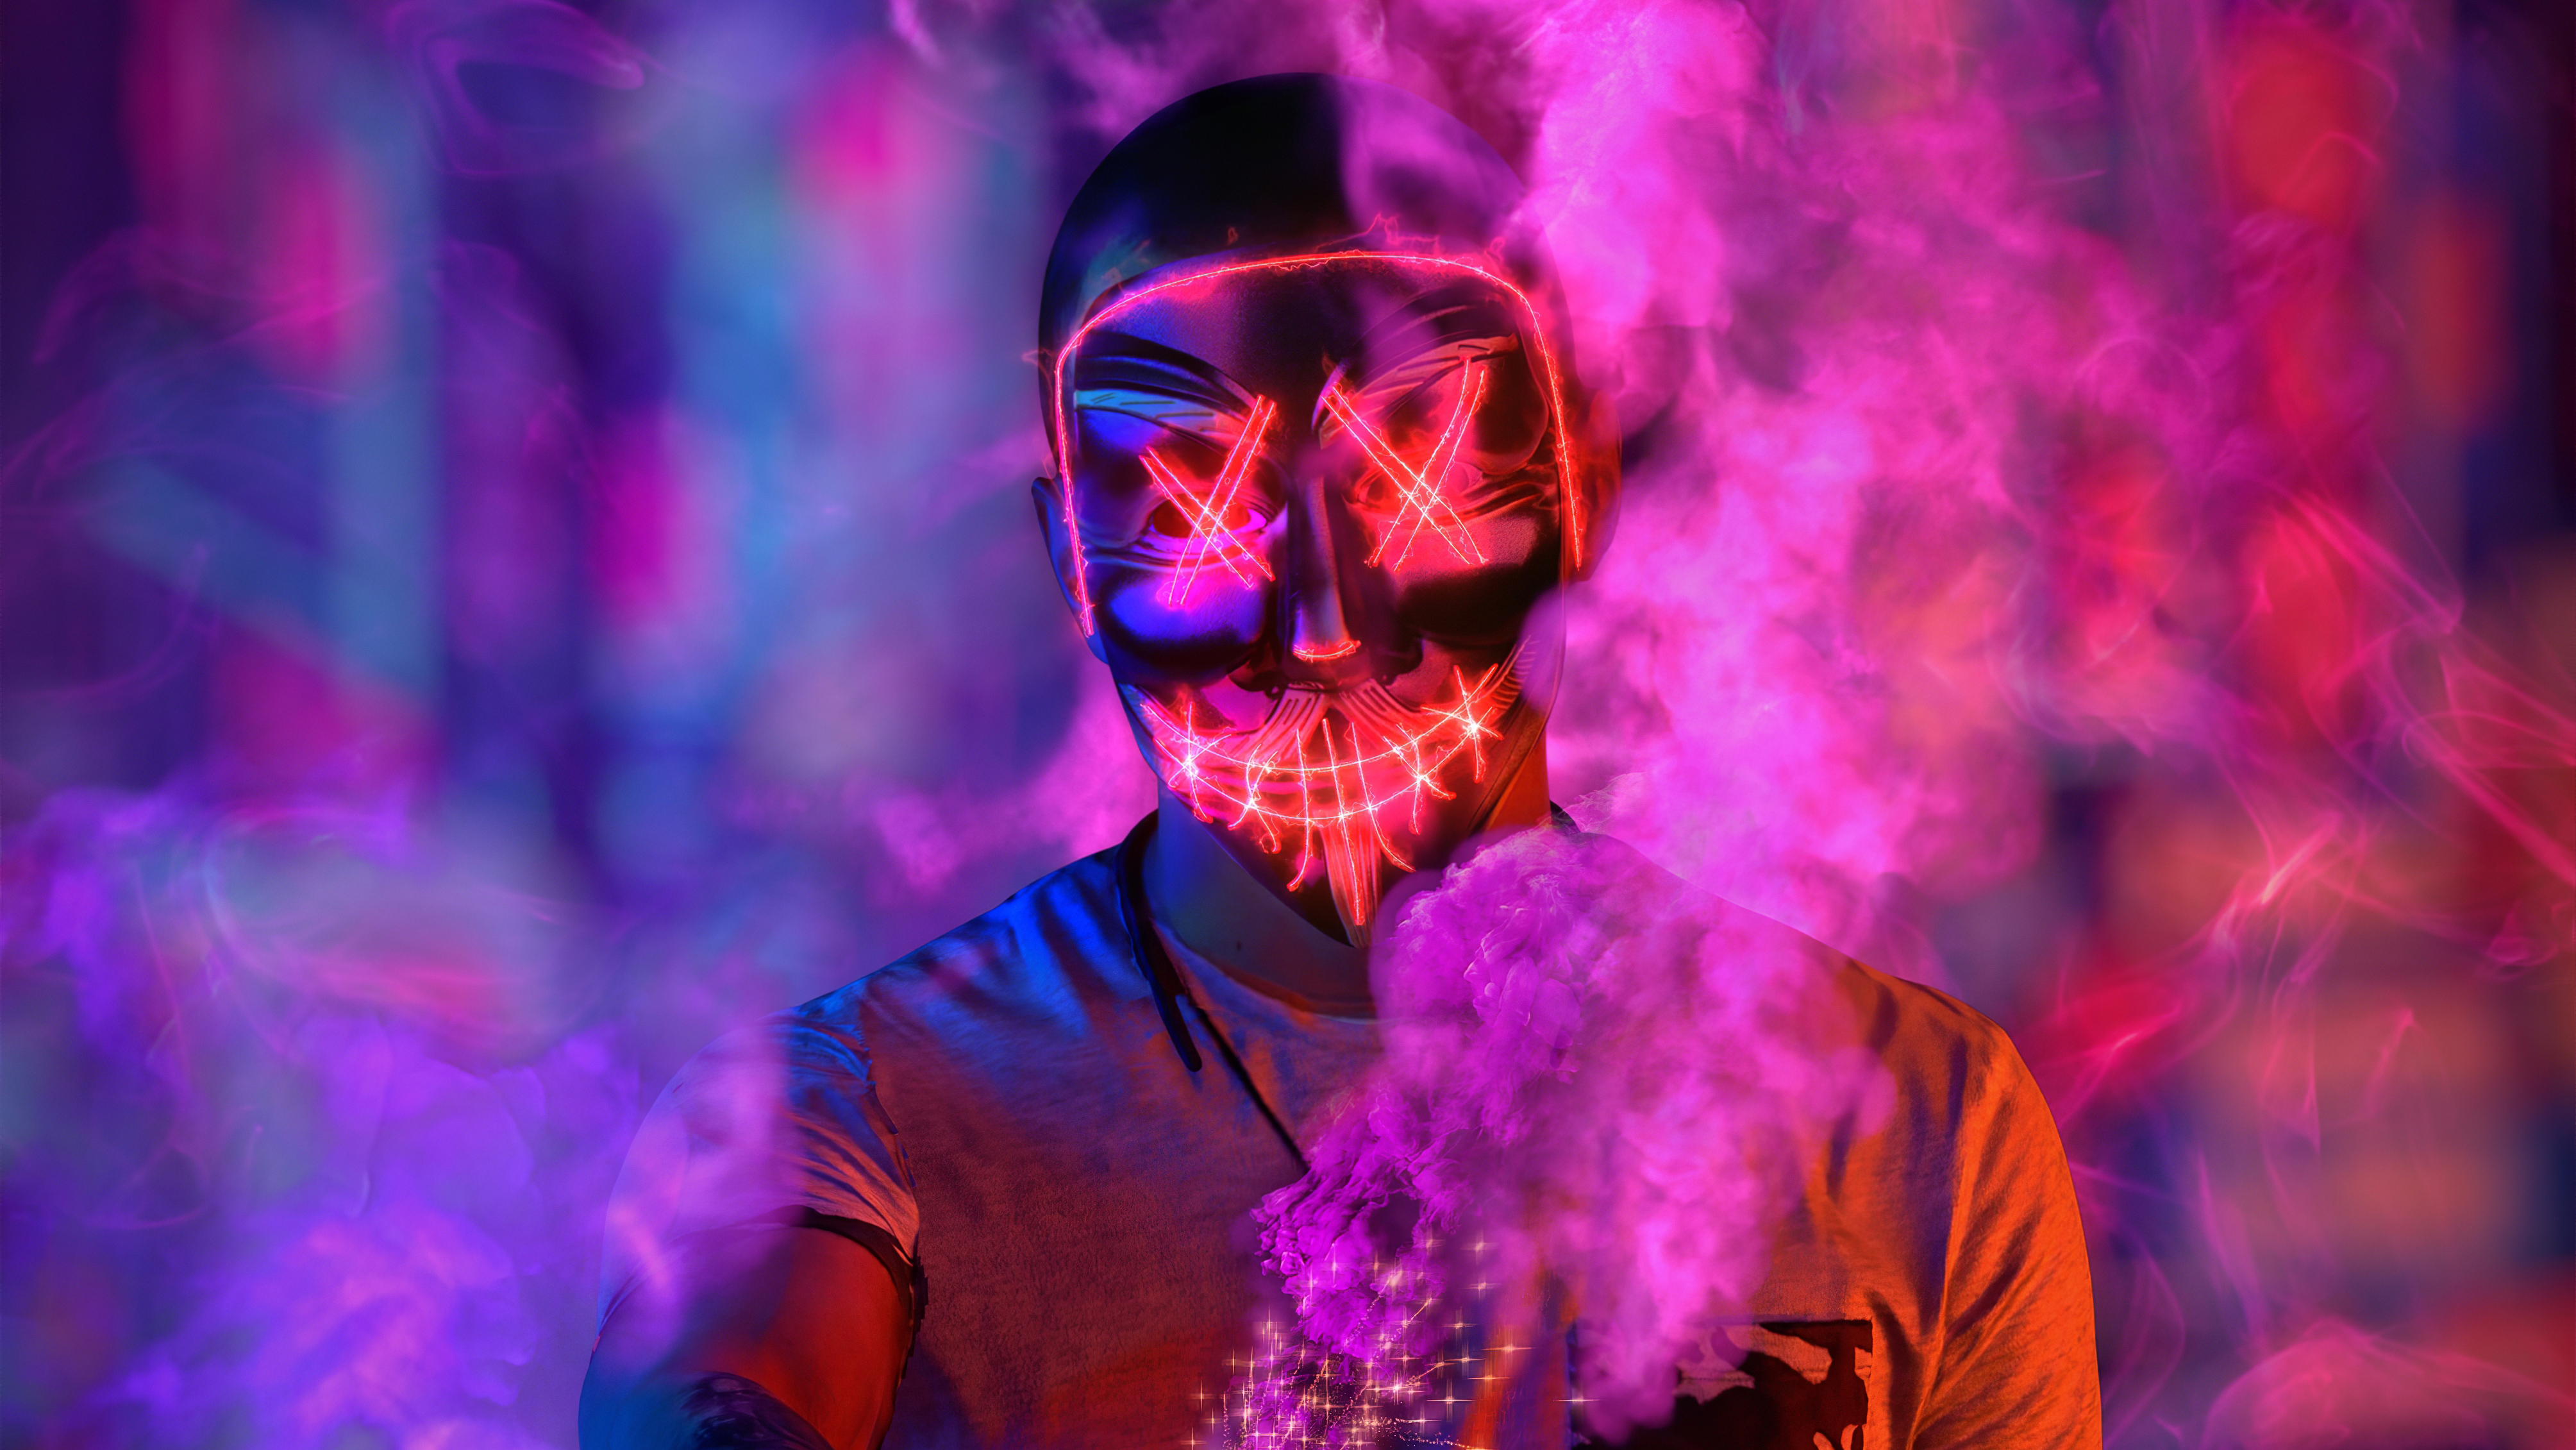 anonymus mask smoke 1574940690 - Anonymus Mask Smoke -